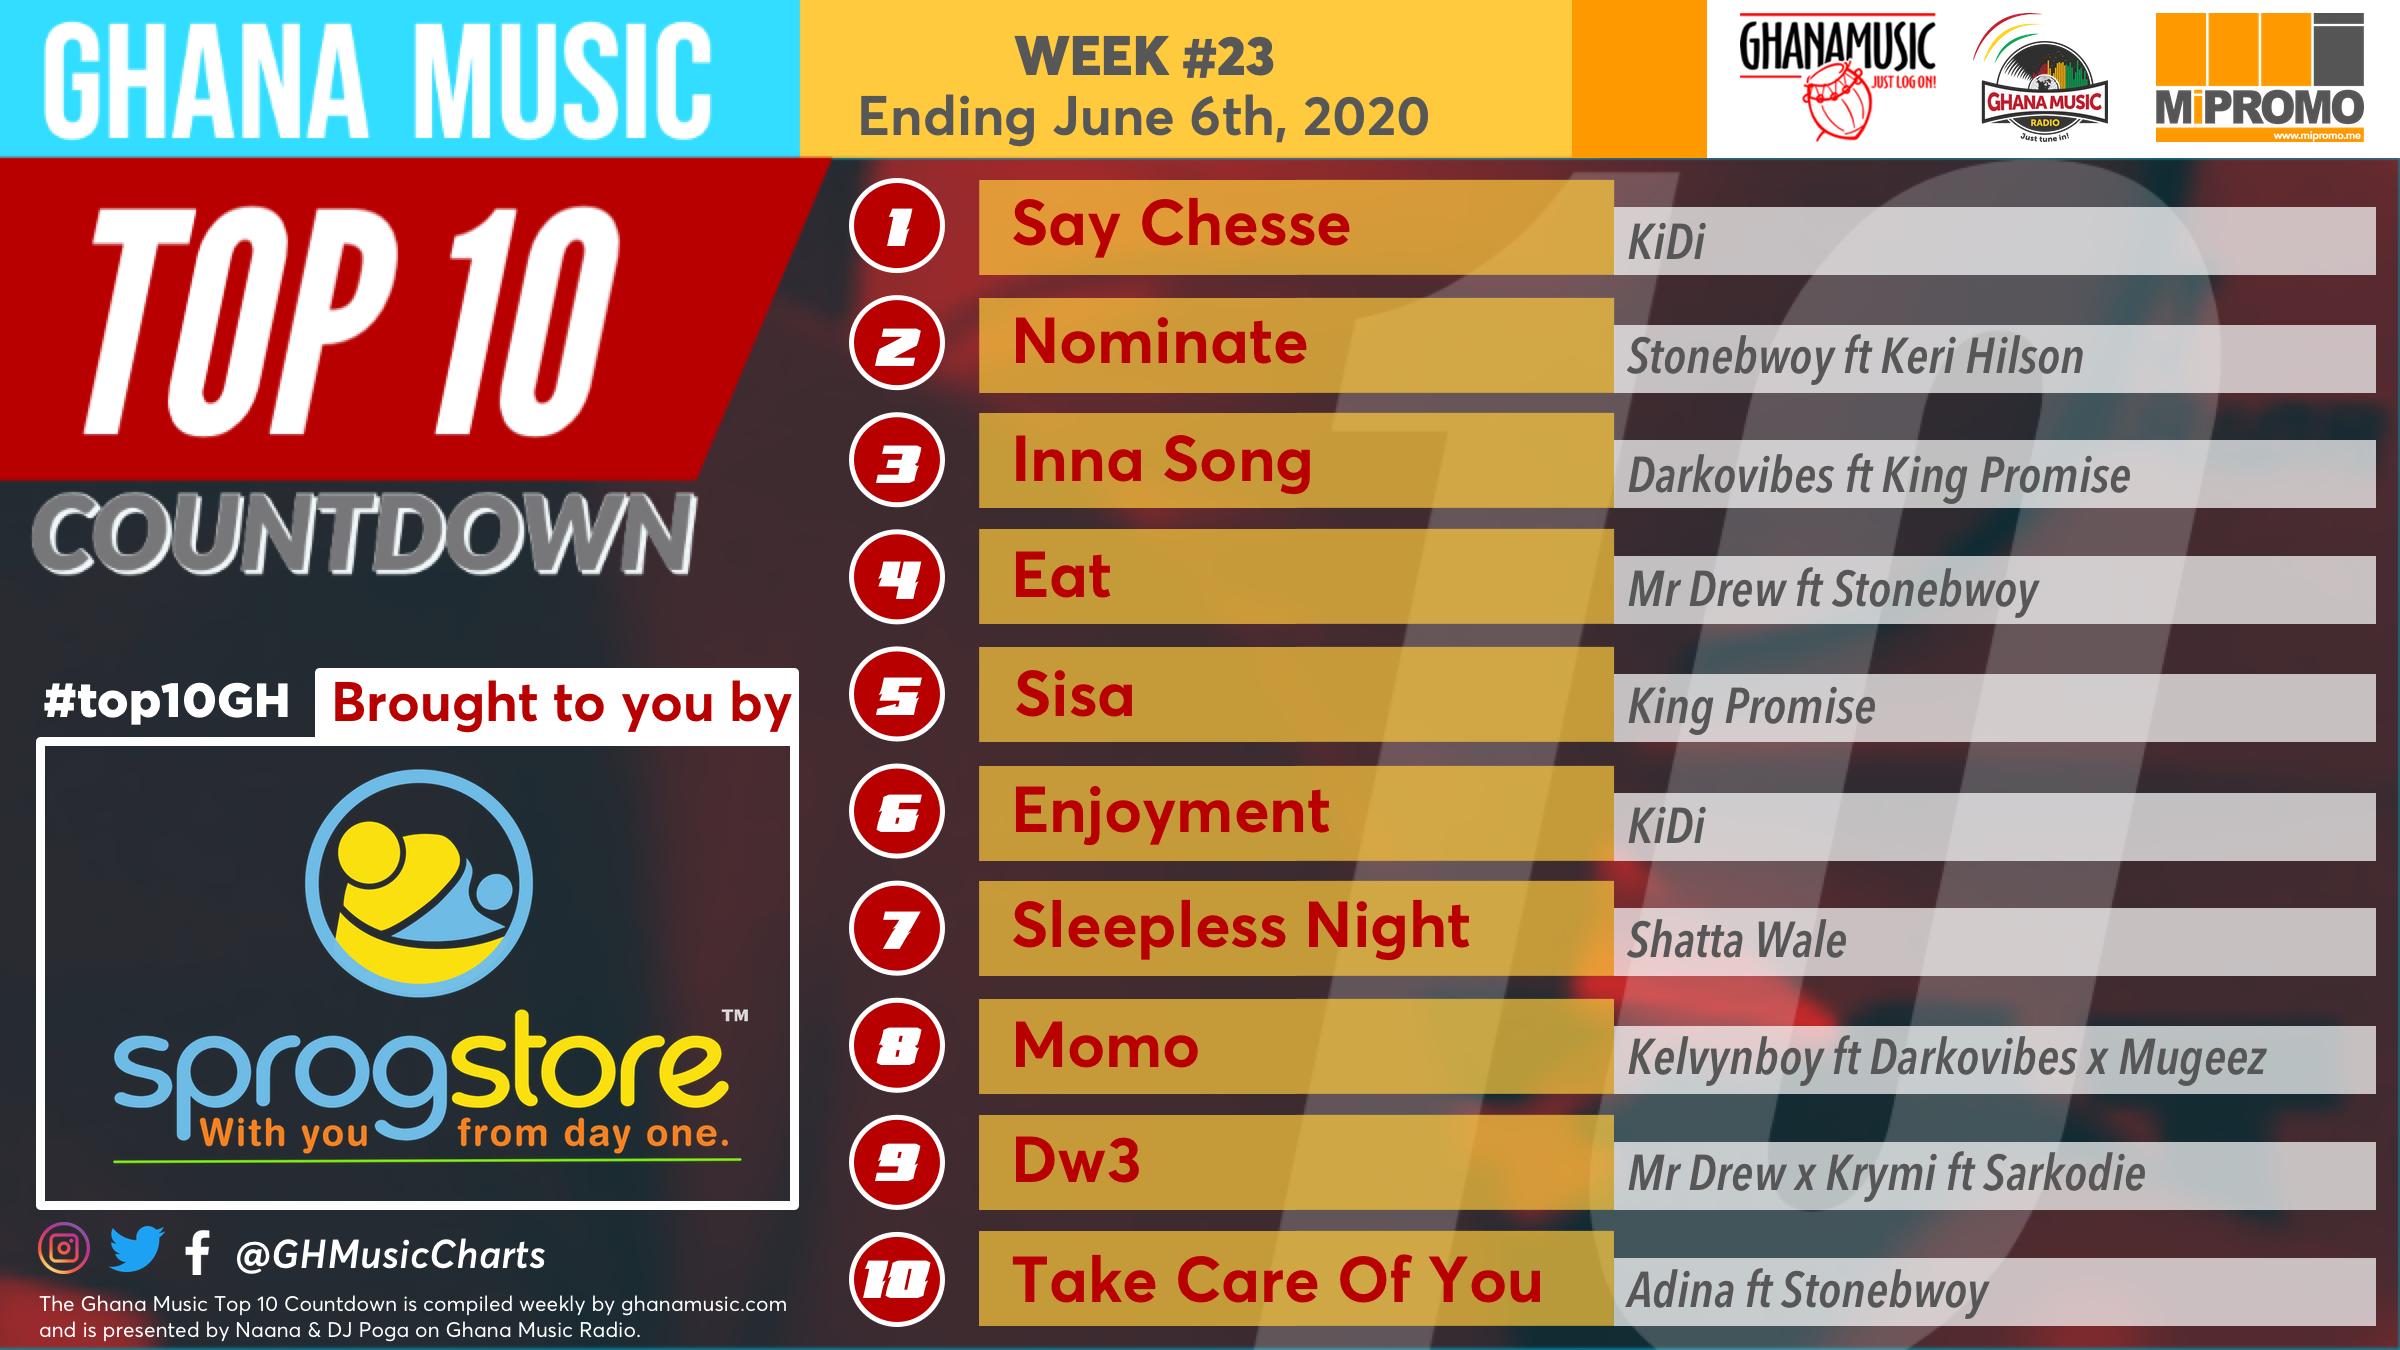 2020 Week 23: Ghana Music Top 10 Countdown